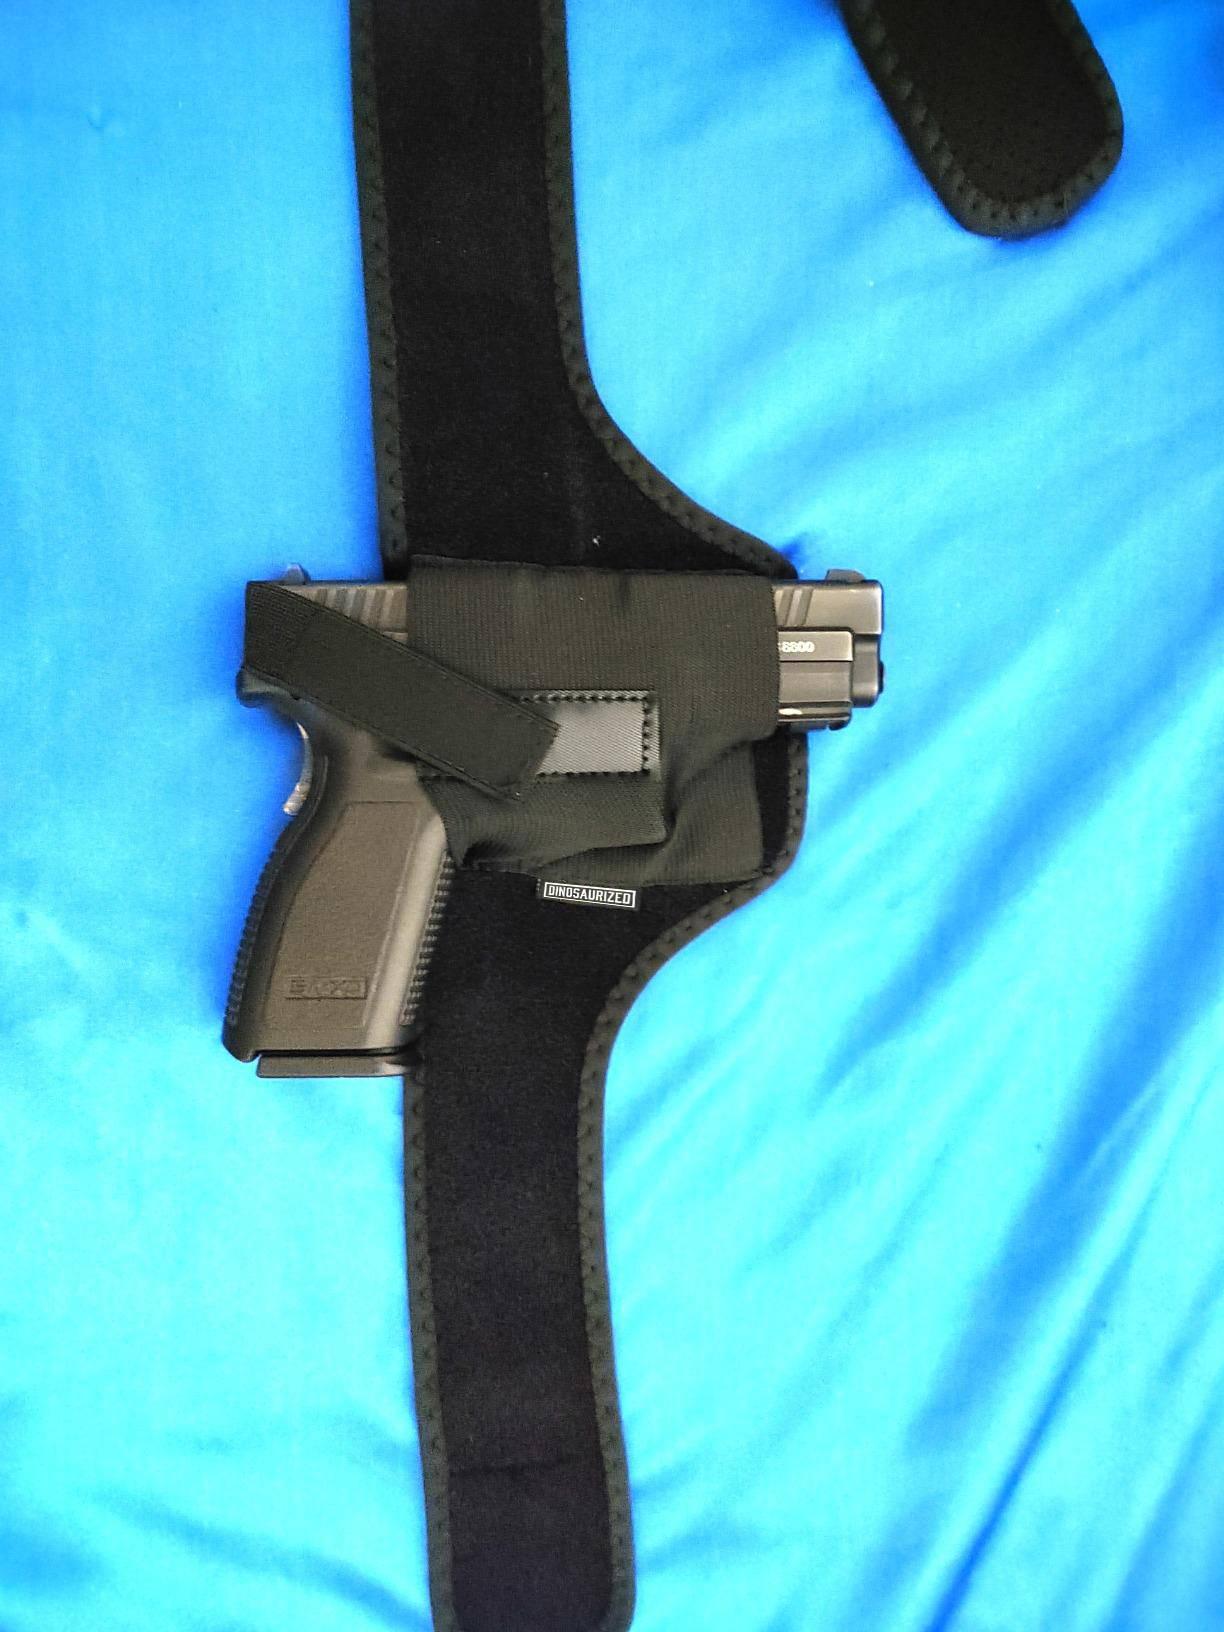 shoulder holster review, tactical shoulder holster, best vertical shoulder holster